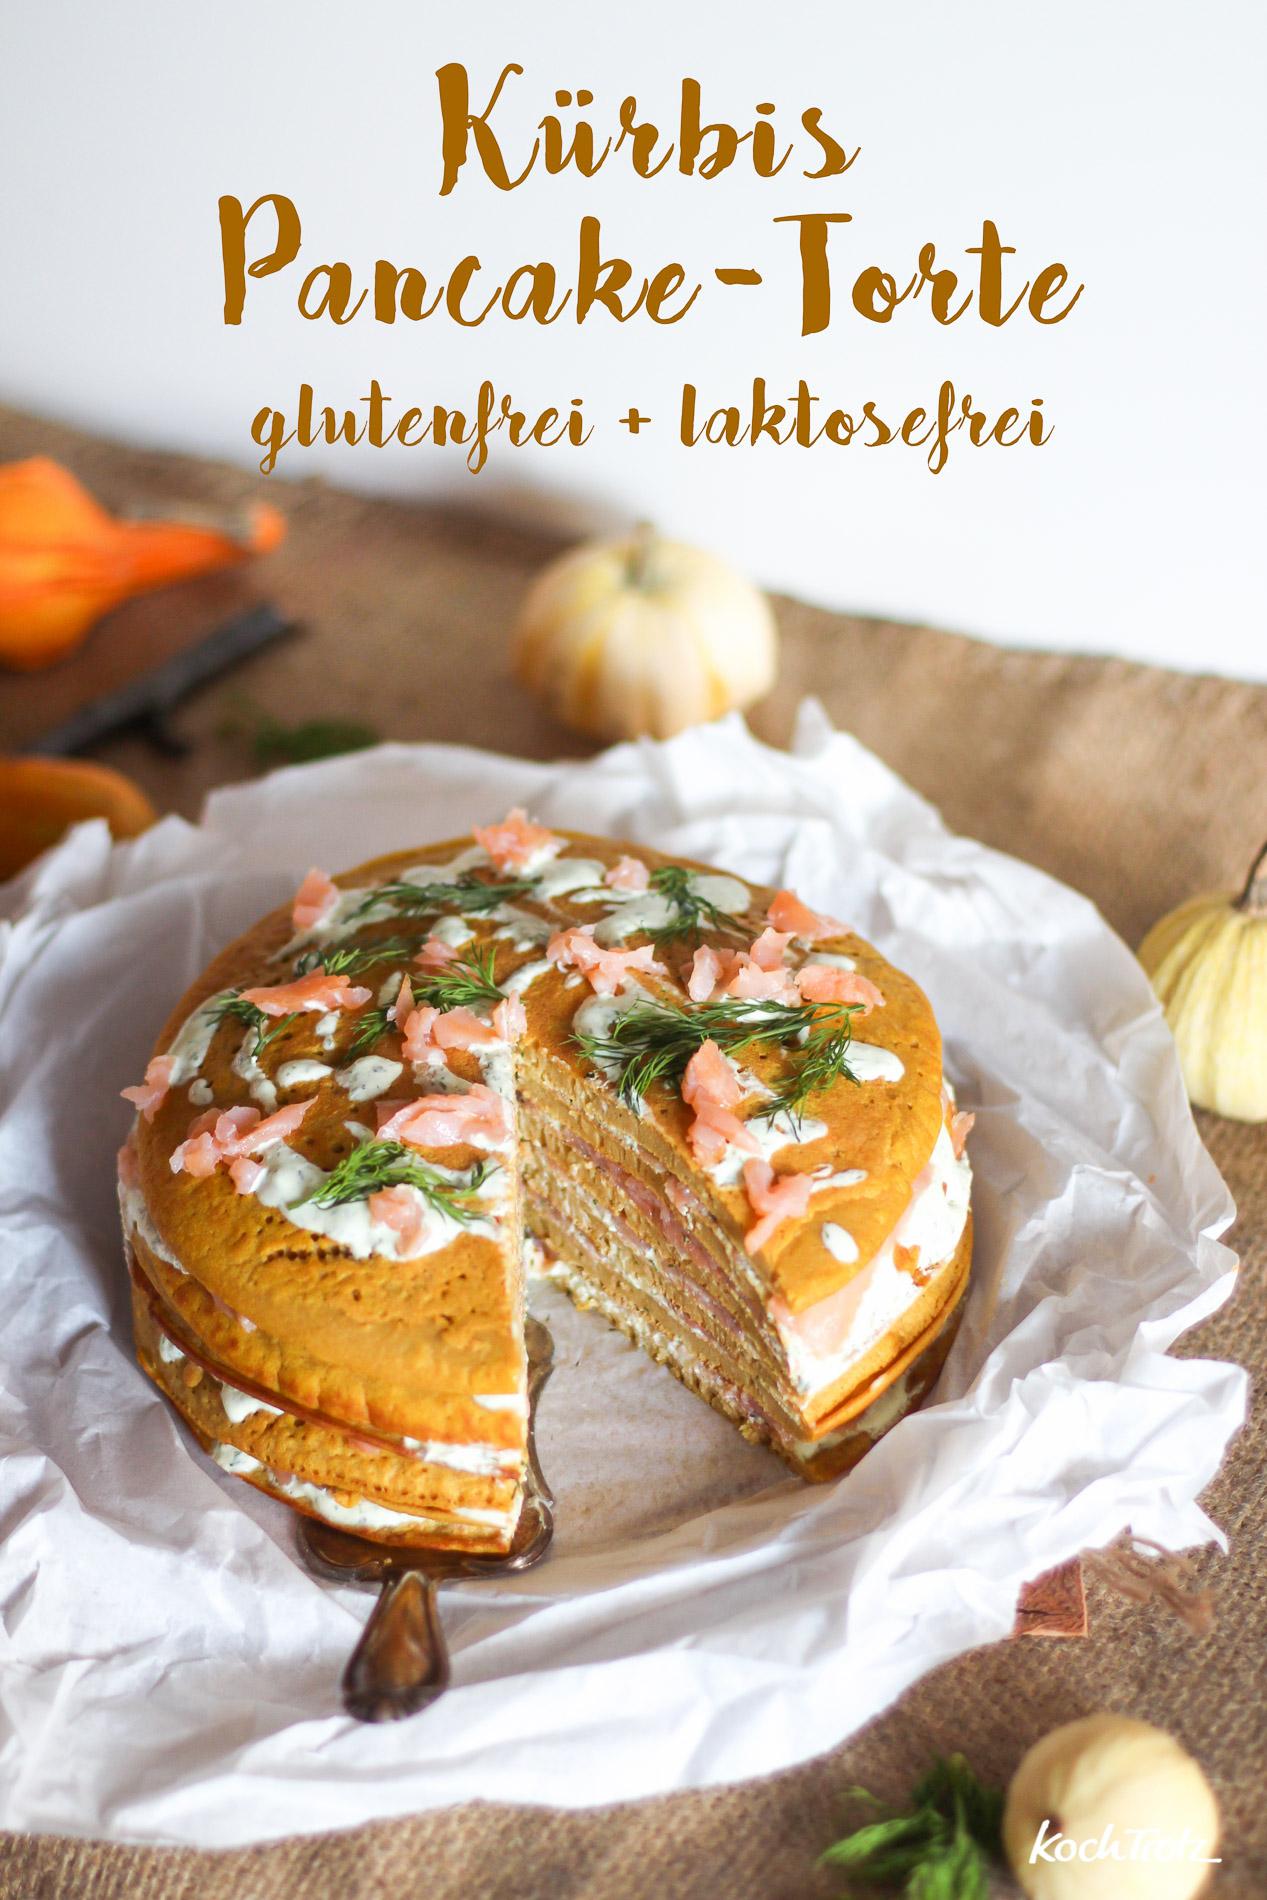 Kuerbis-Pancake-Torte-glutenfrei-laktosefrei-9